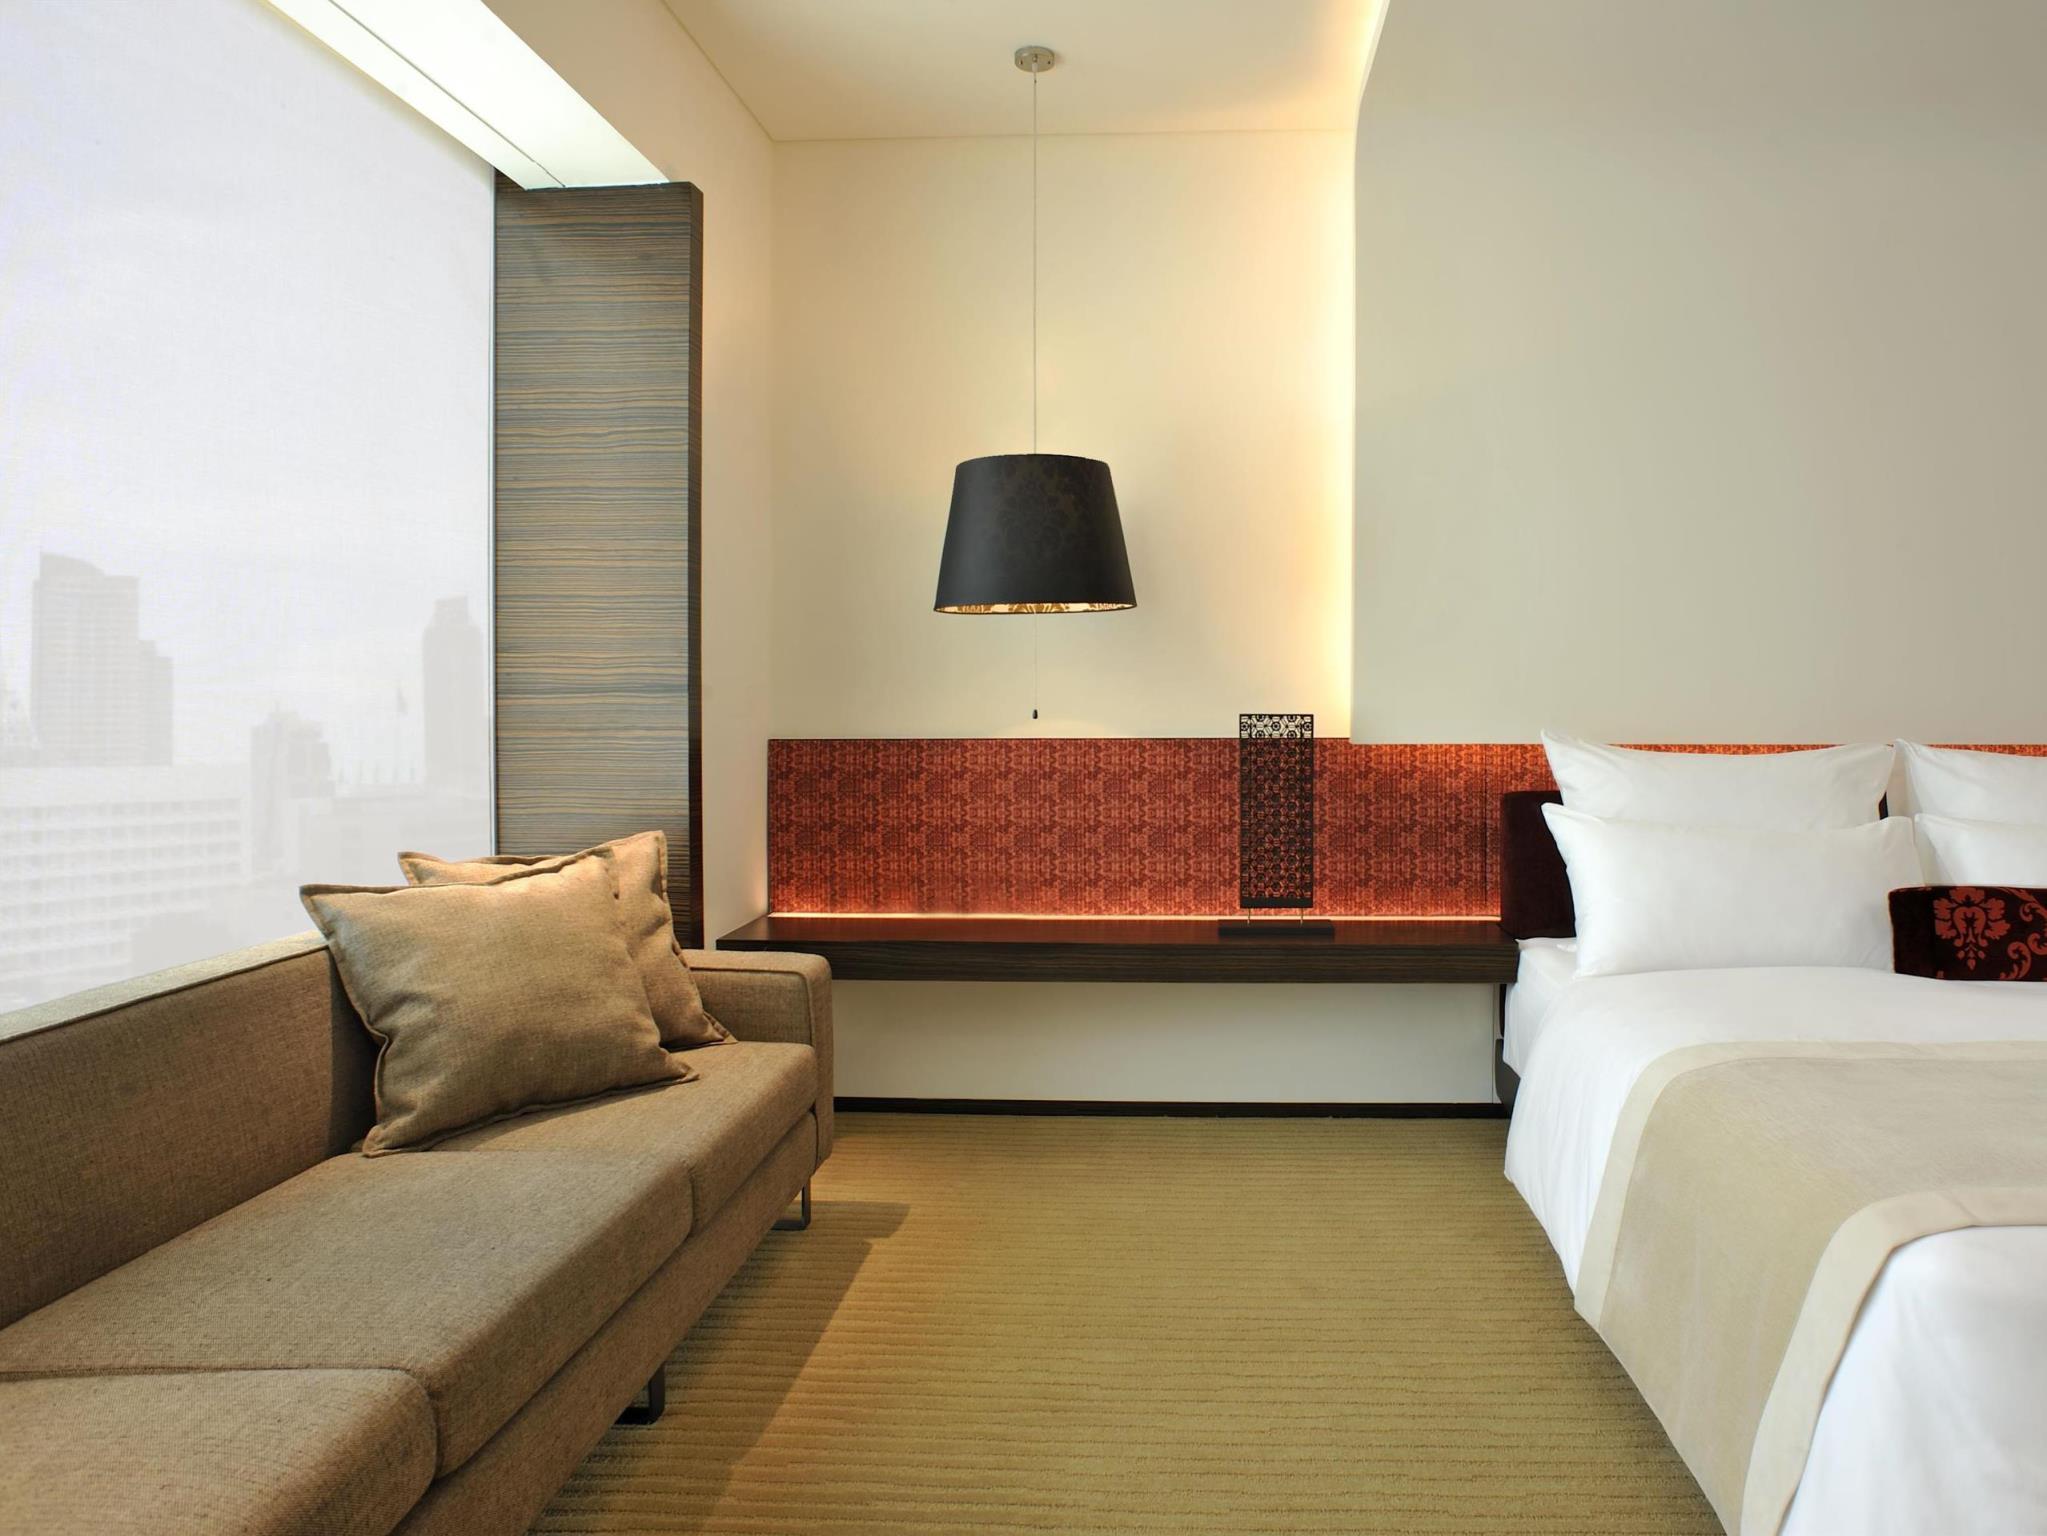 โรงแรม เลอ เมอริเดียน กรุงเทพฯ